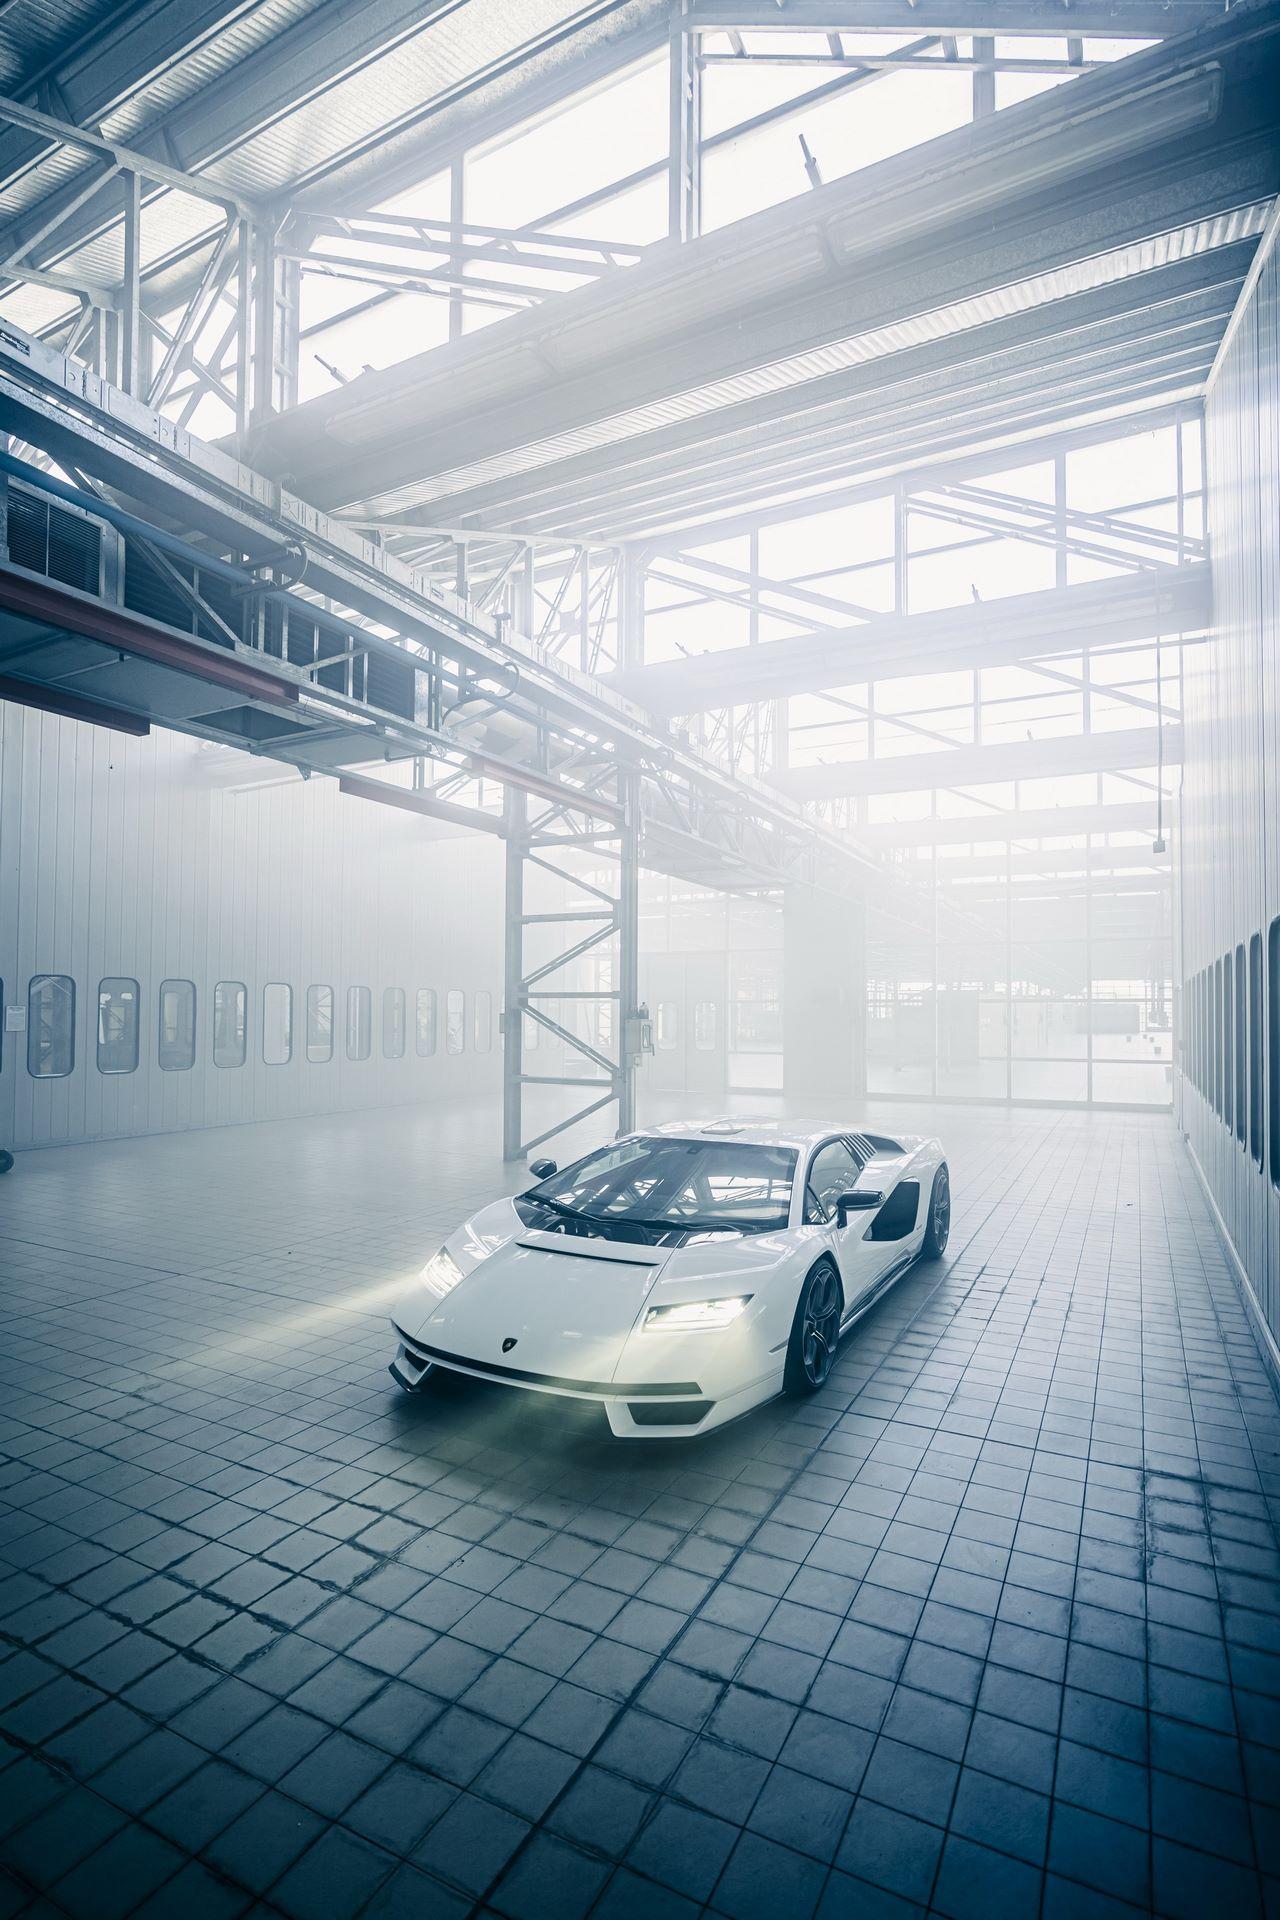 Lamborghini-Countach-LPI-800-4-56